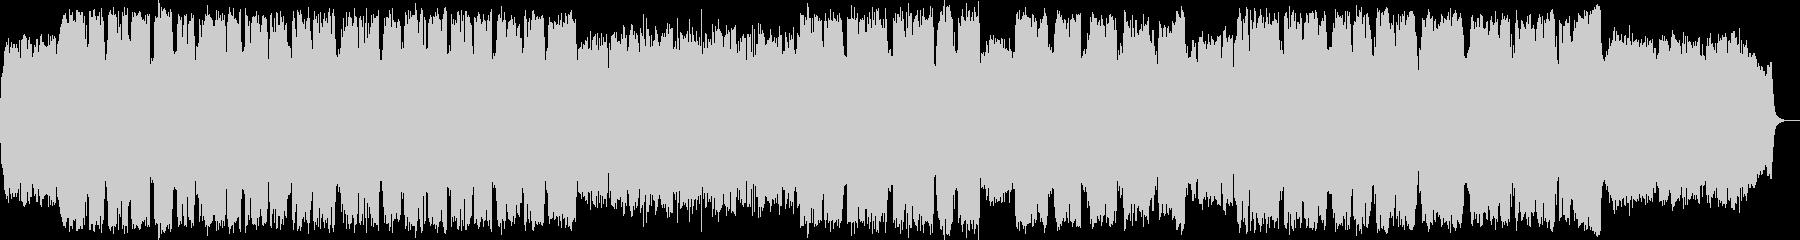 竹笛の低い音色の静かなヒーリング音楽の未再生の波形